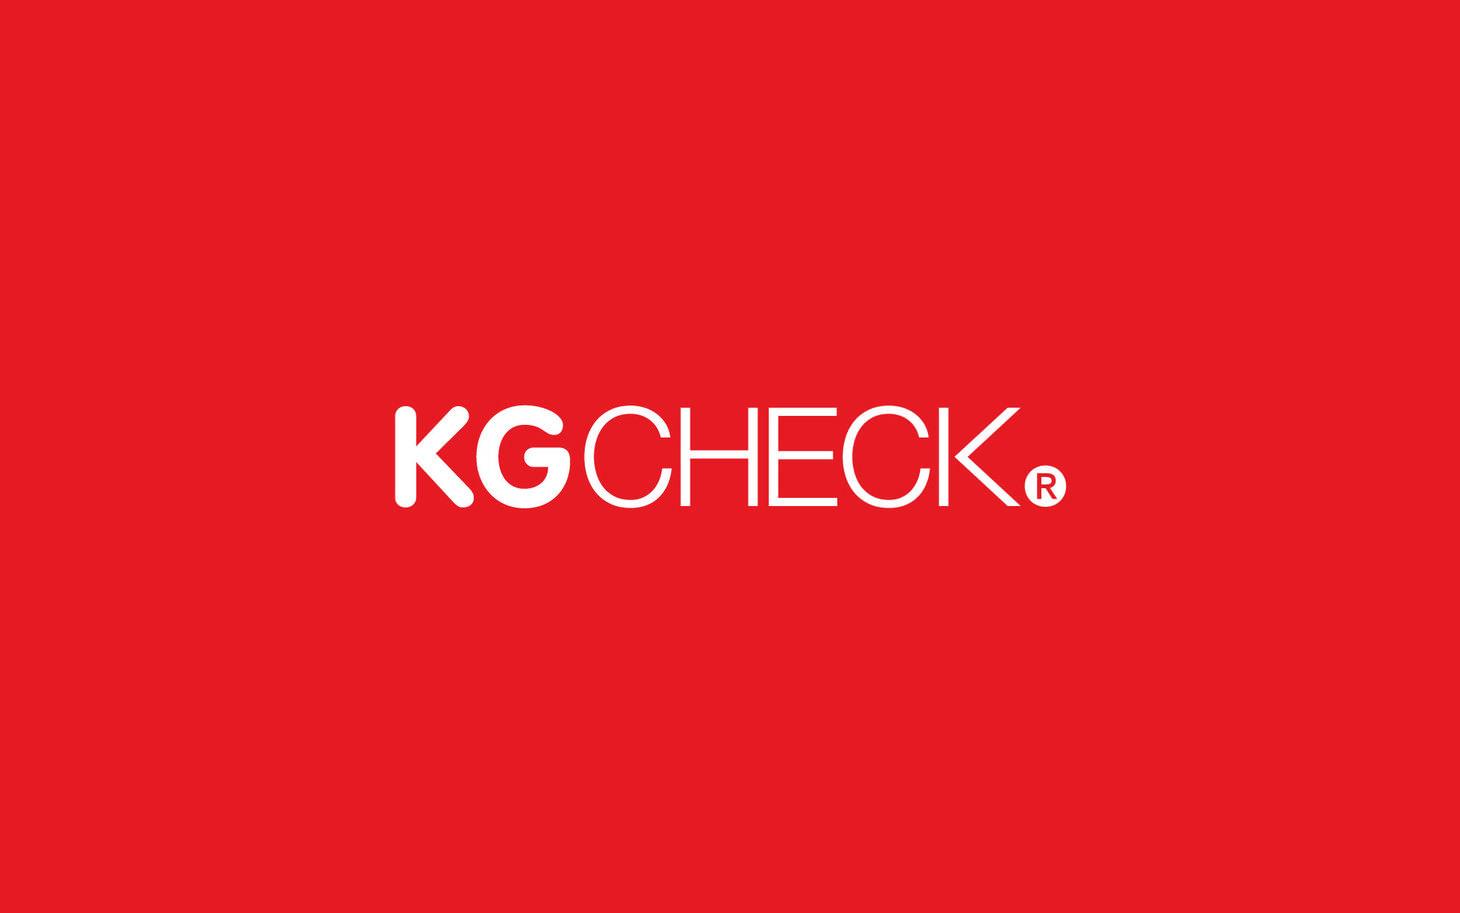 KGC_1960X1225_1.jpg